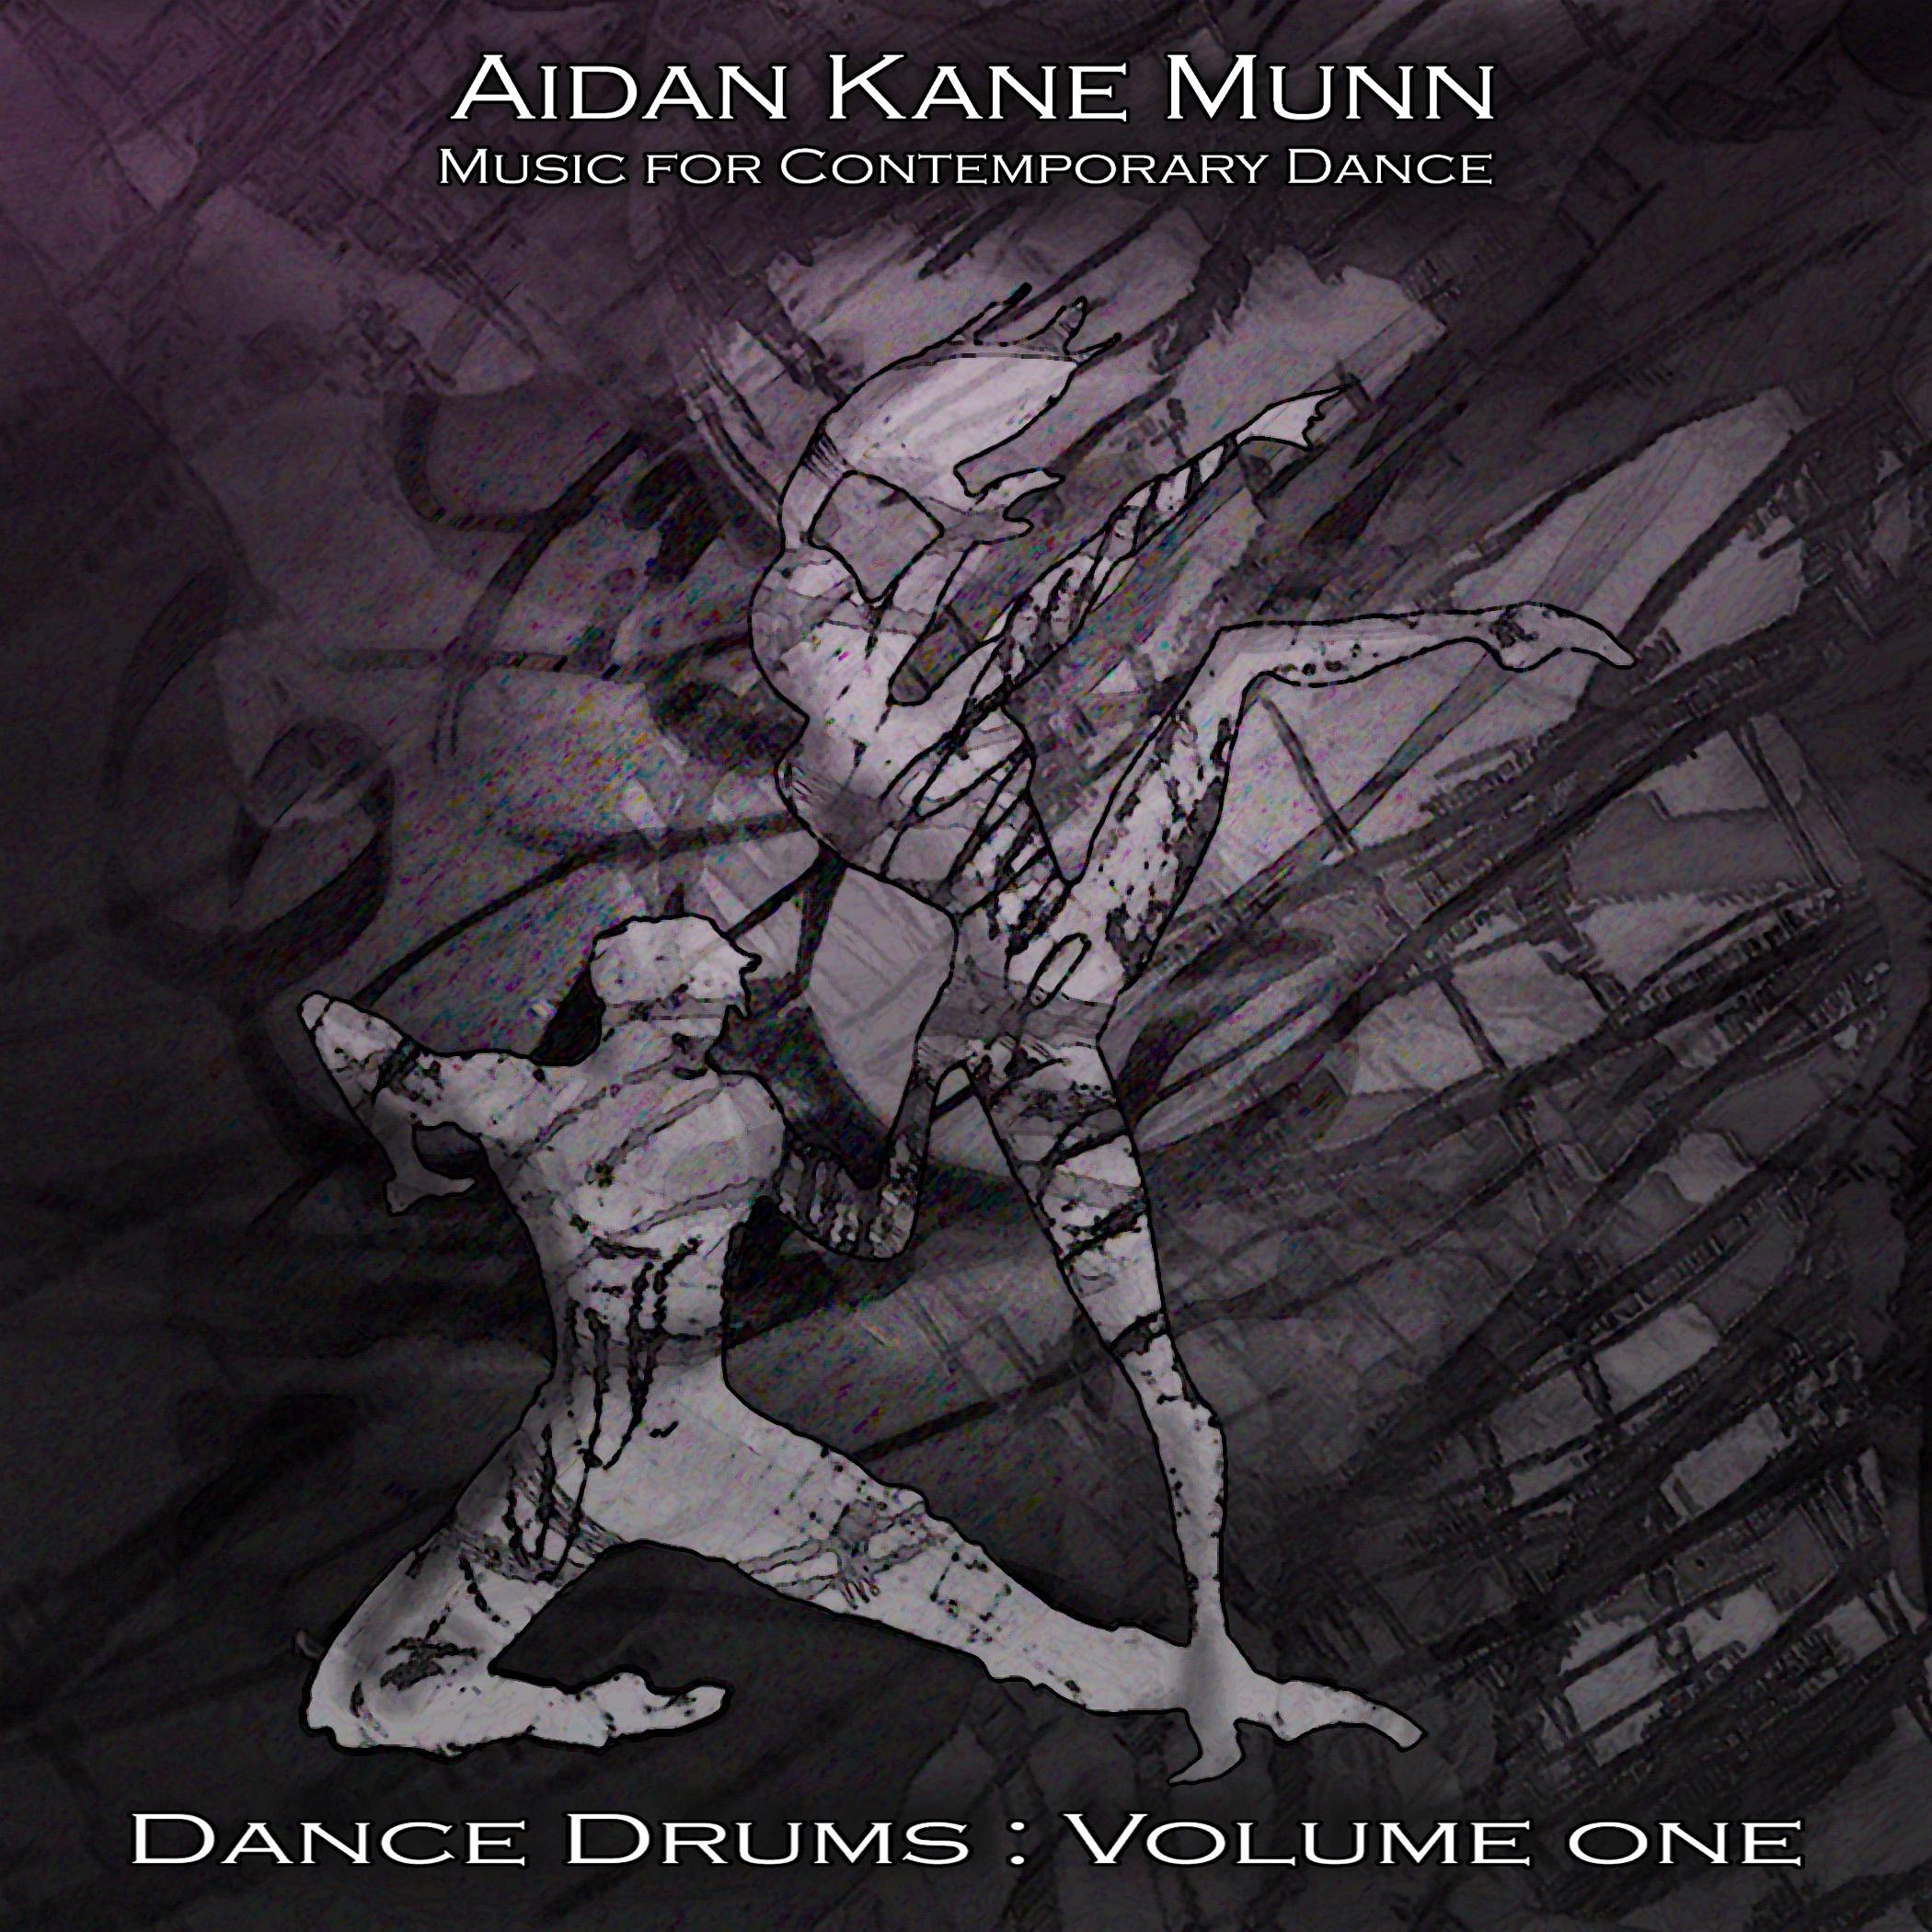 Aidan Kane Munn